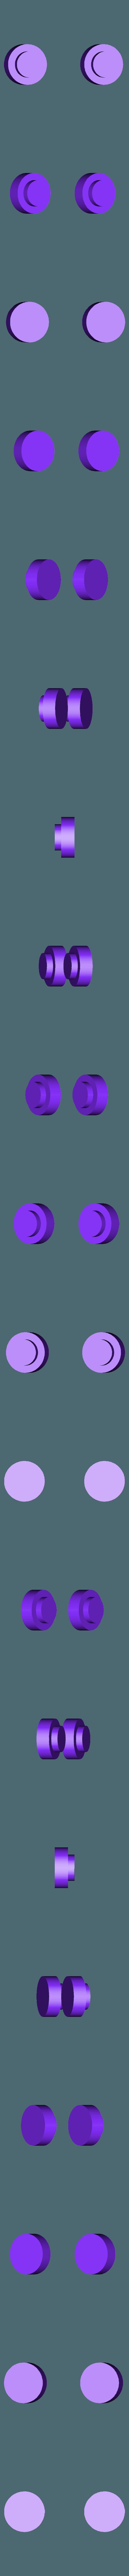 spring_holder.stl Télécharger fichier STL gratuit Étui à crayons avec un twist • Objet pour imprimante 3D, MakerMind